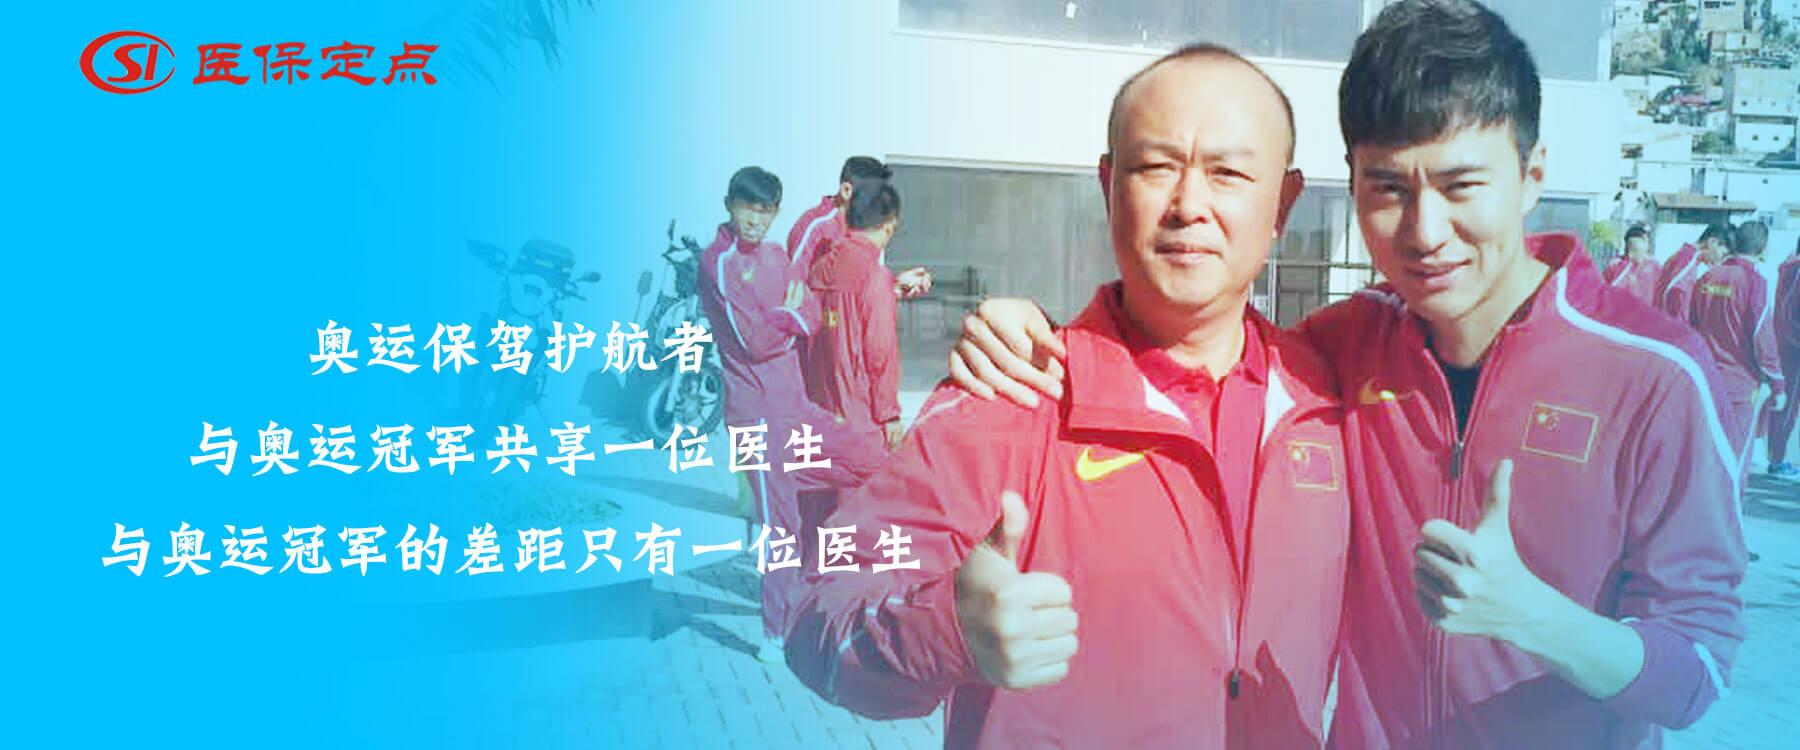 奥运冠军同深圳运动康复门诊部主任合影